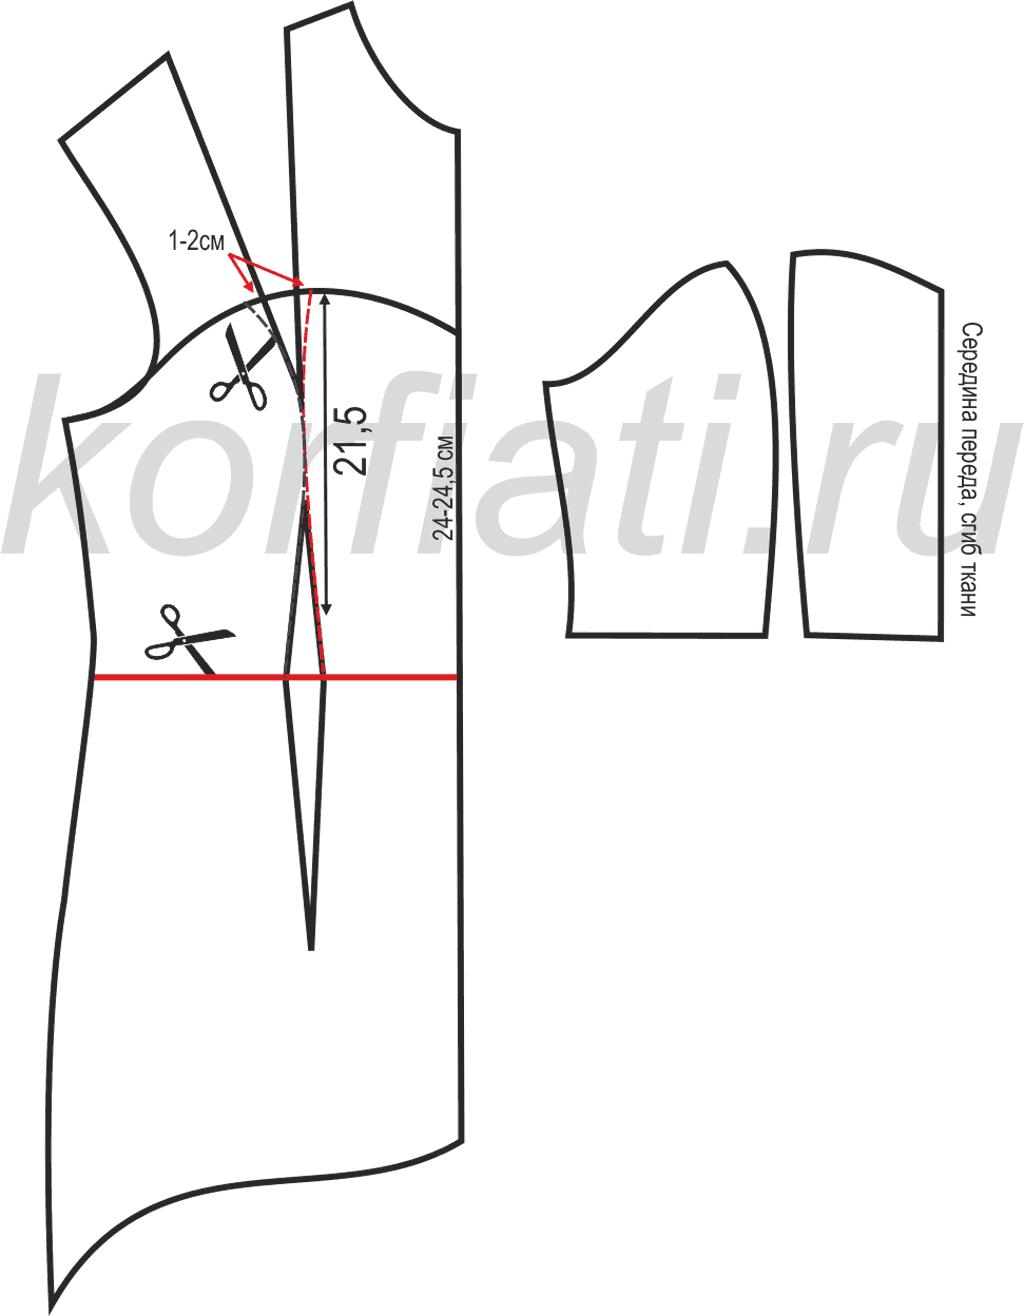 Шьем платье с воланами - выкройка лифа переда